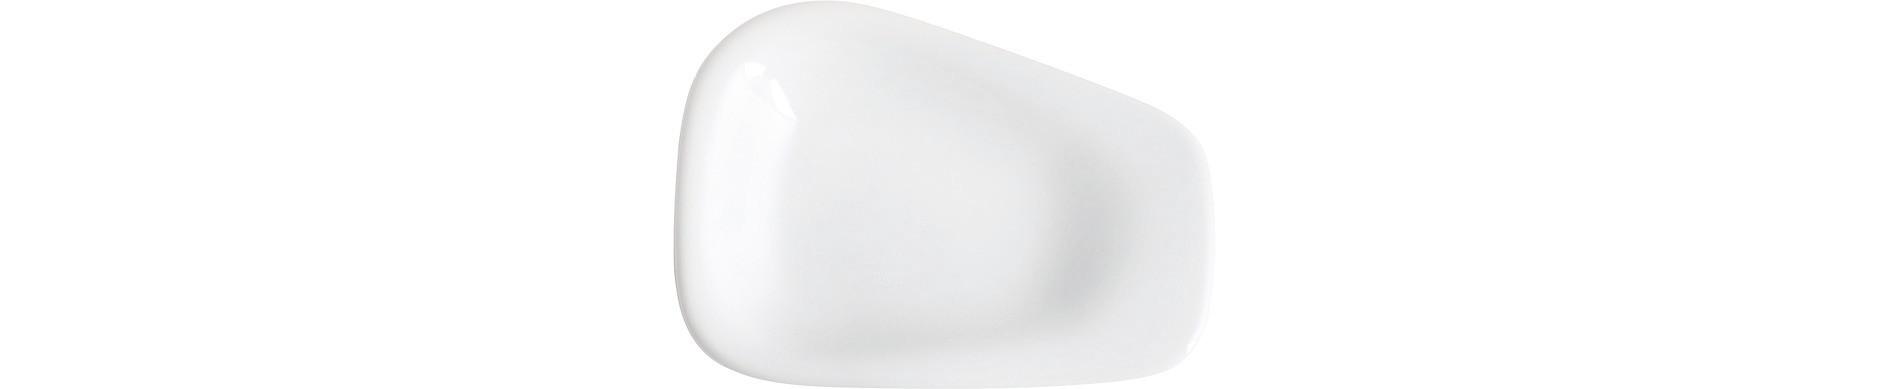 Elixyr, Deckel ø 98 mm zur Zuckerdose 0,25 l